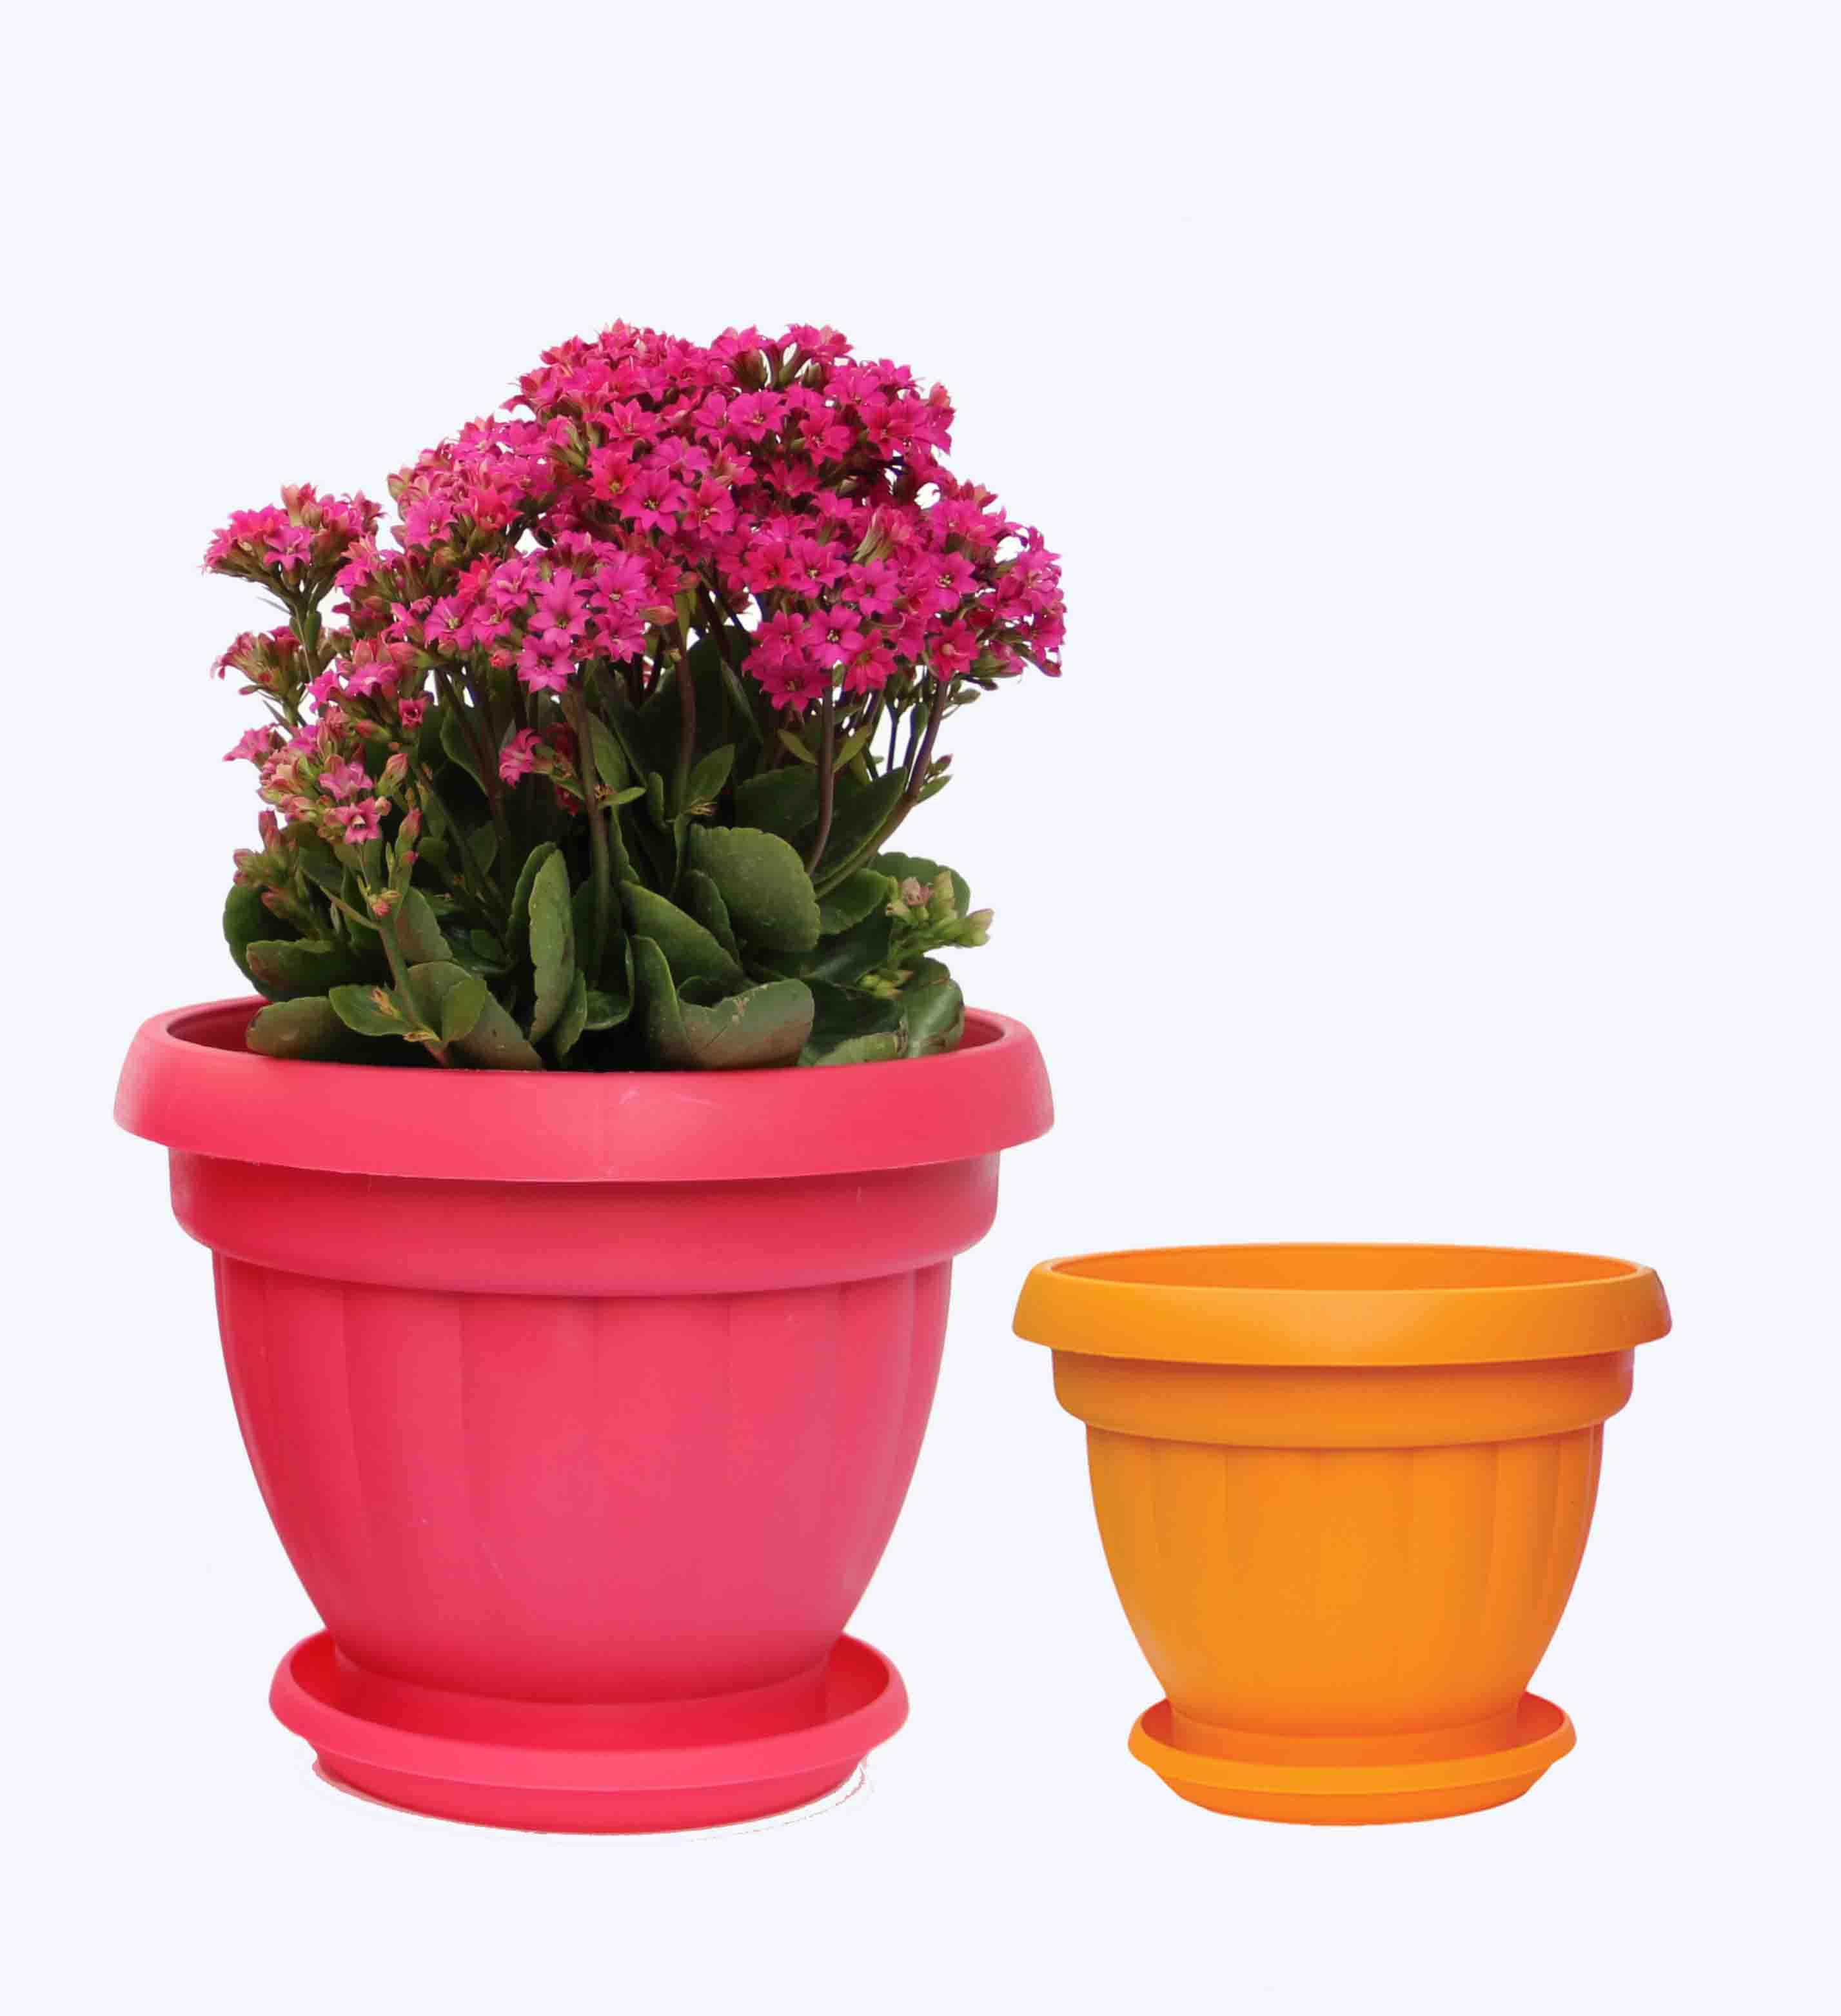 گلدان پلاستیکی مستطیلی ارزان